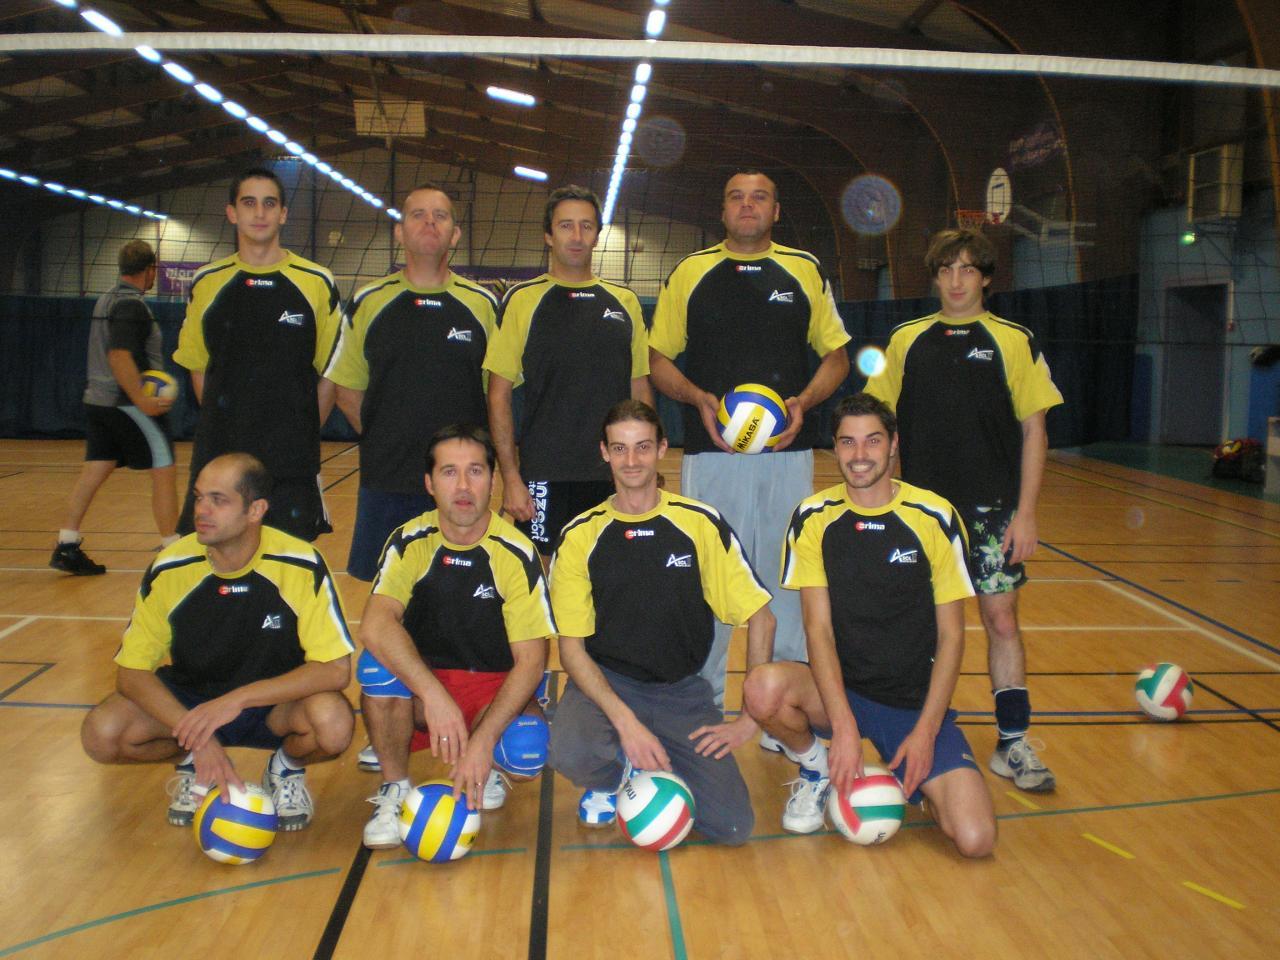 H-pital 1 - Saison 2010-2011 -1--1.JPG-